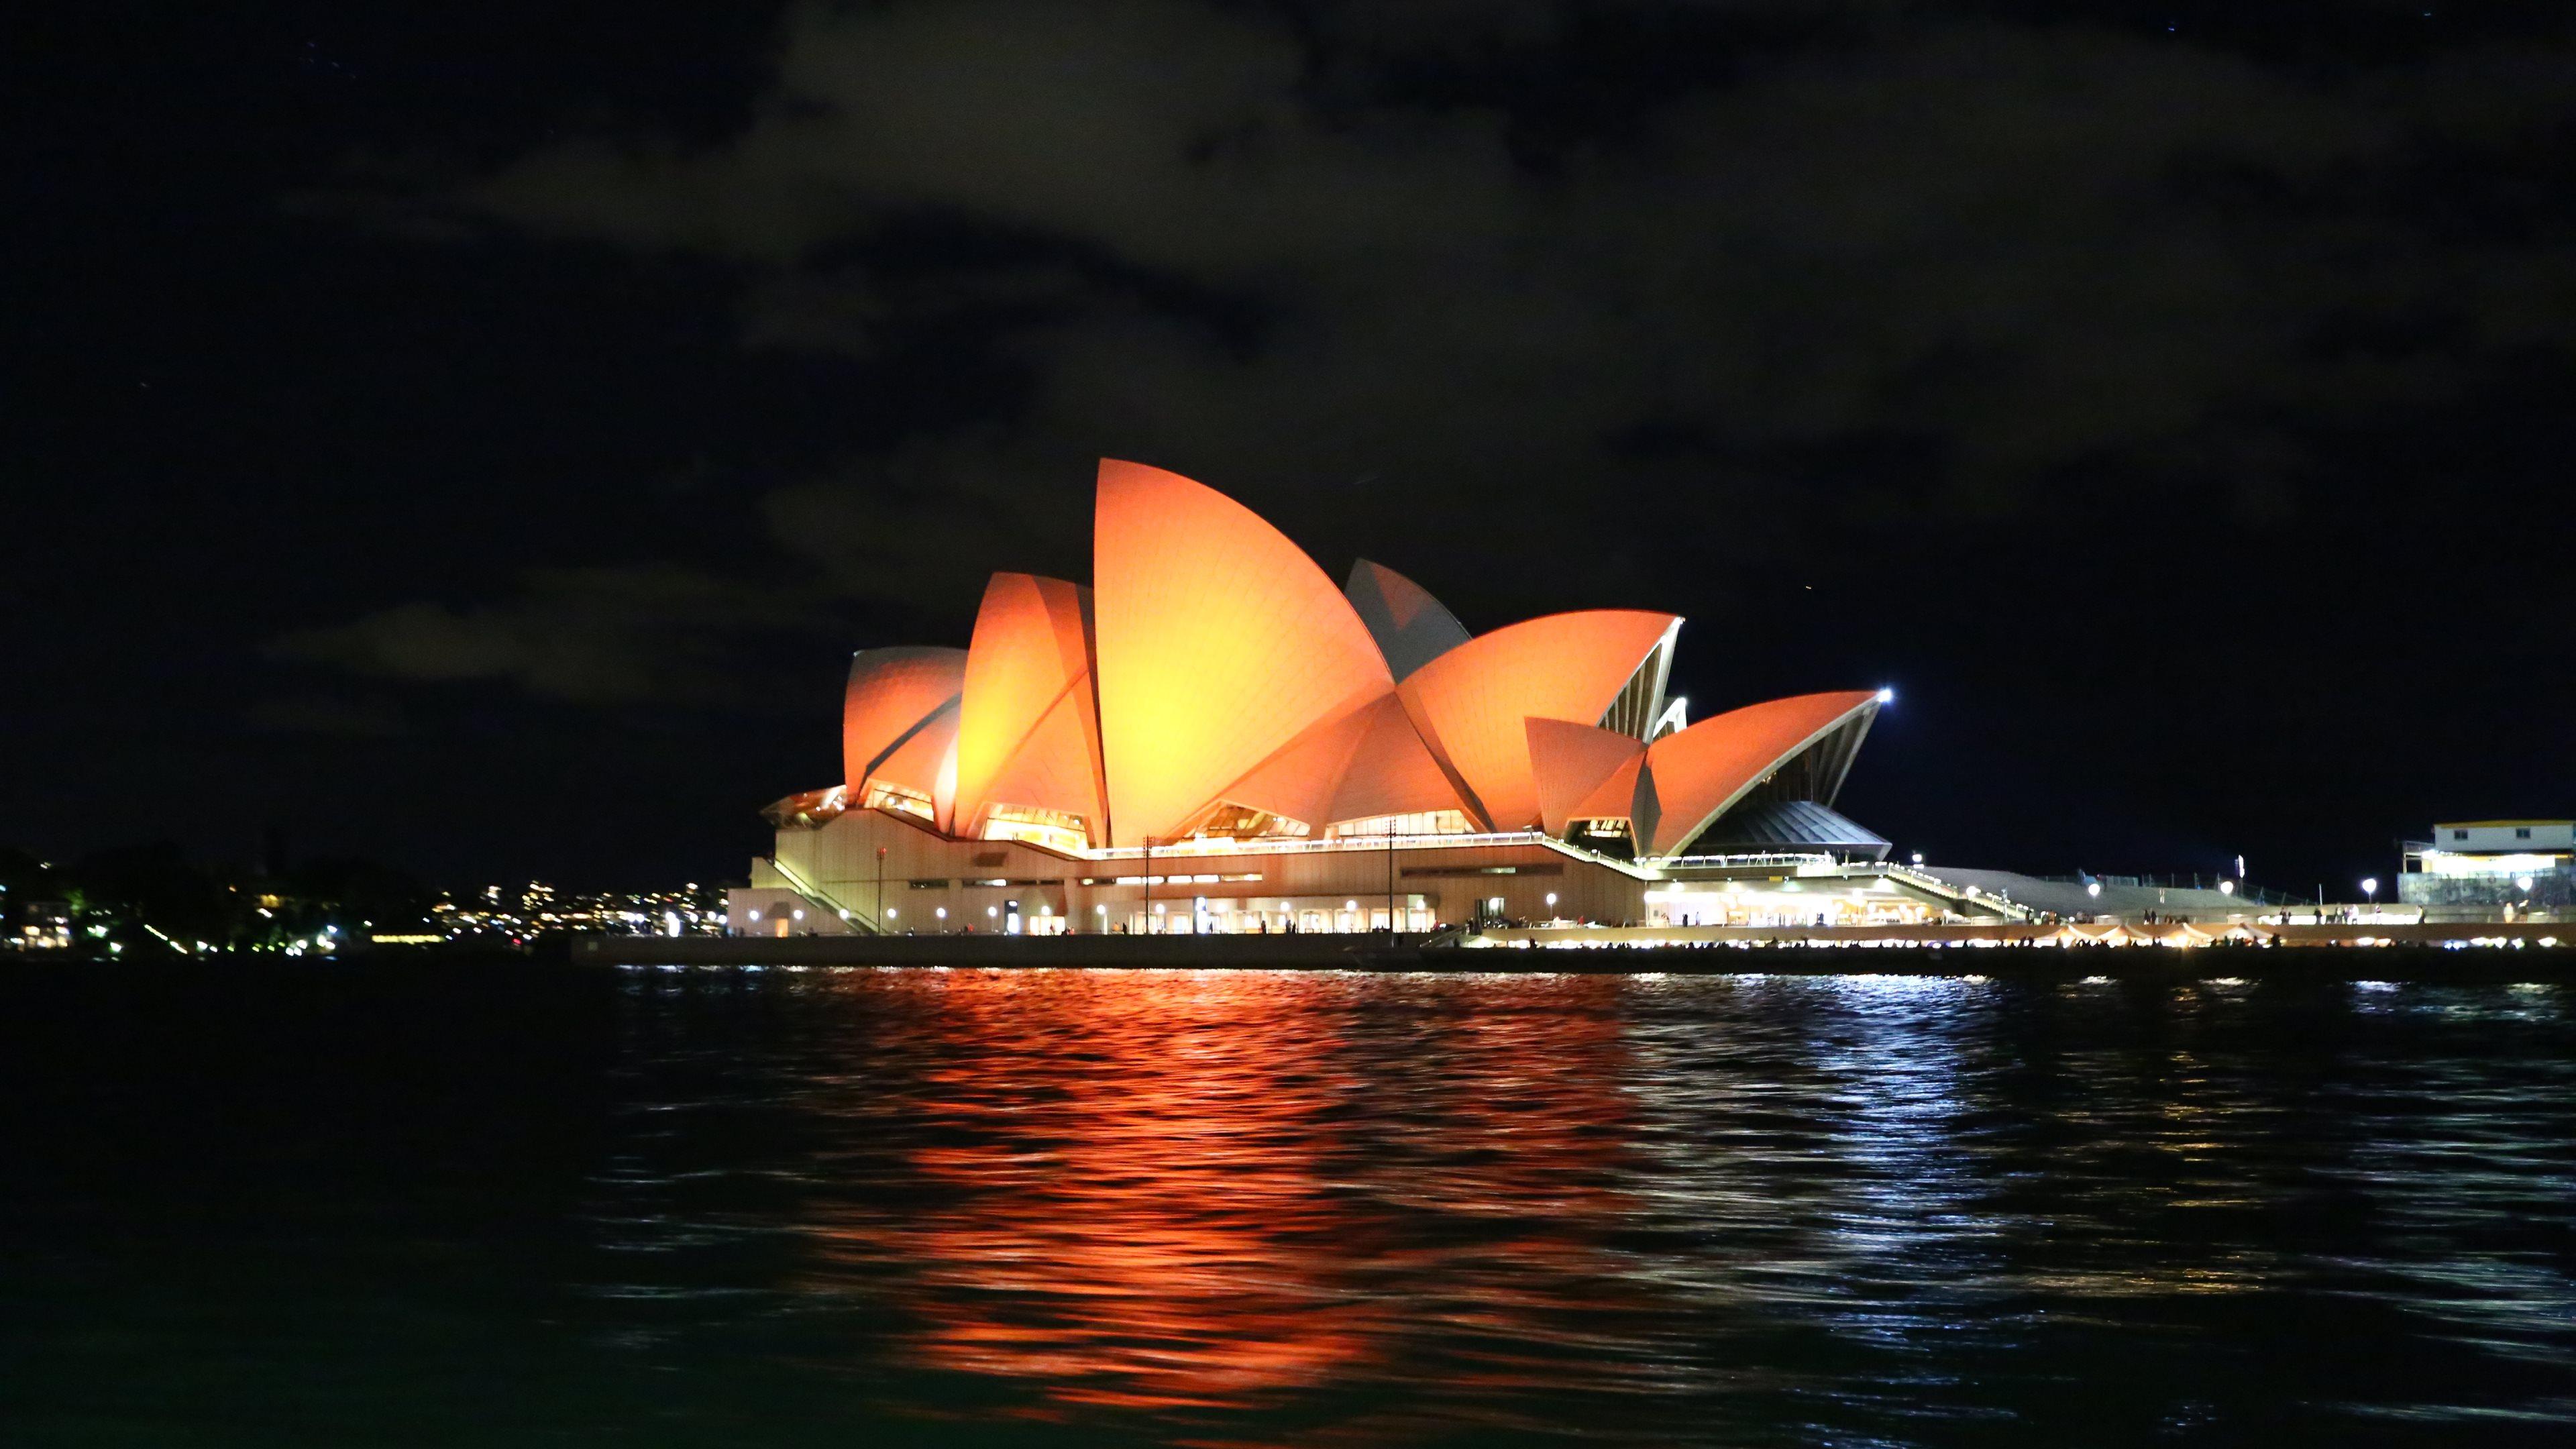 Сидней Австралия архитектура страны море ночь скачать